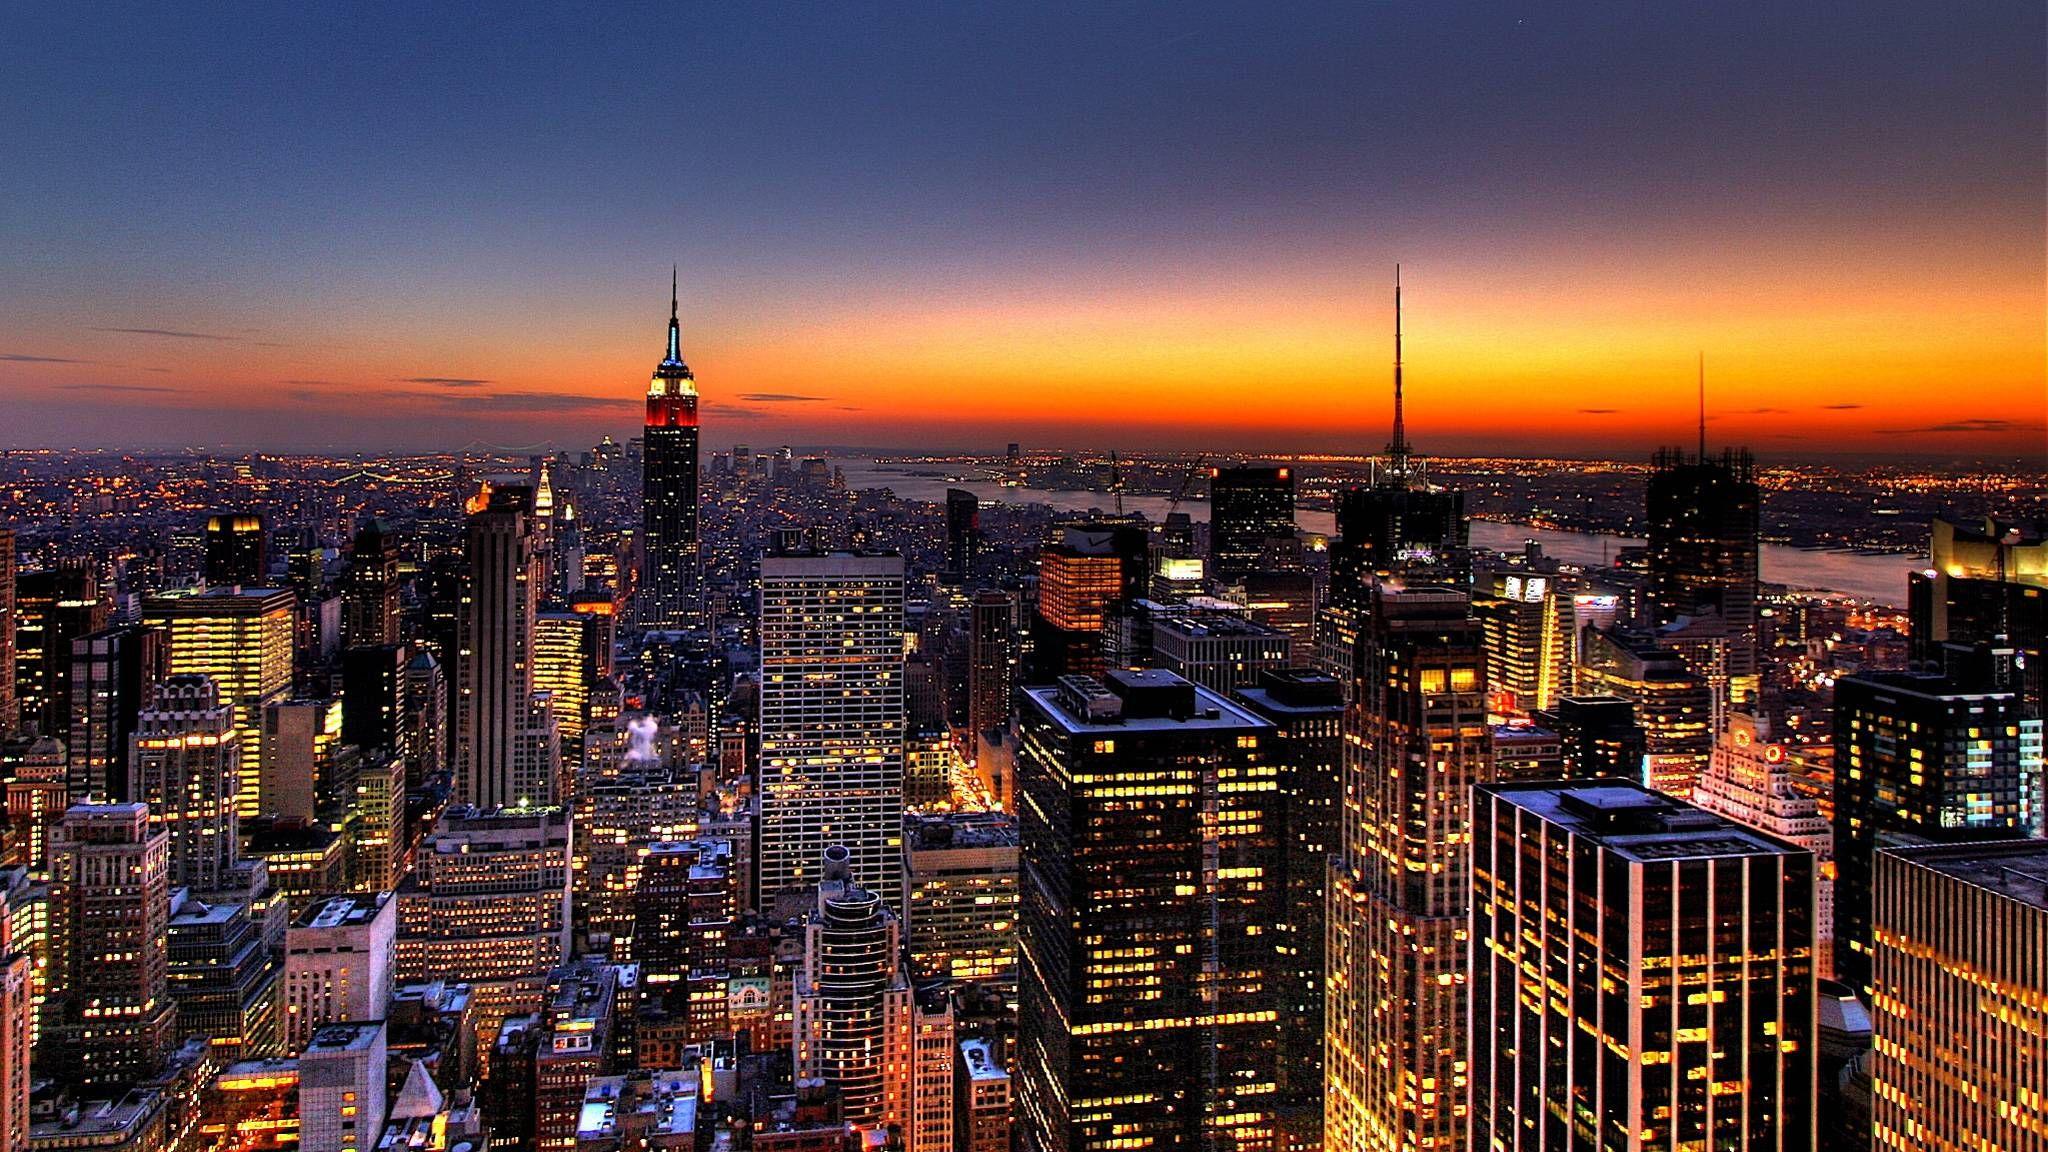 Wallpaper City, Night, Lights, City lights, Buildings, Sky HD ...